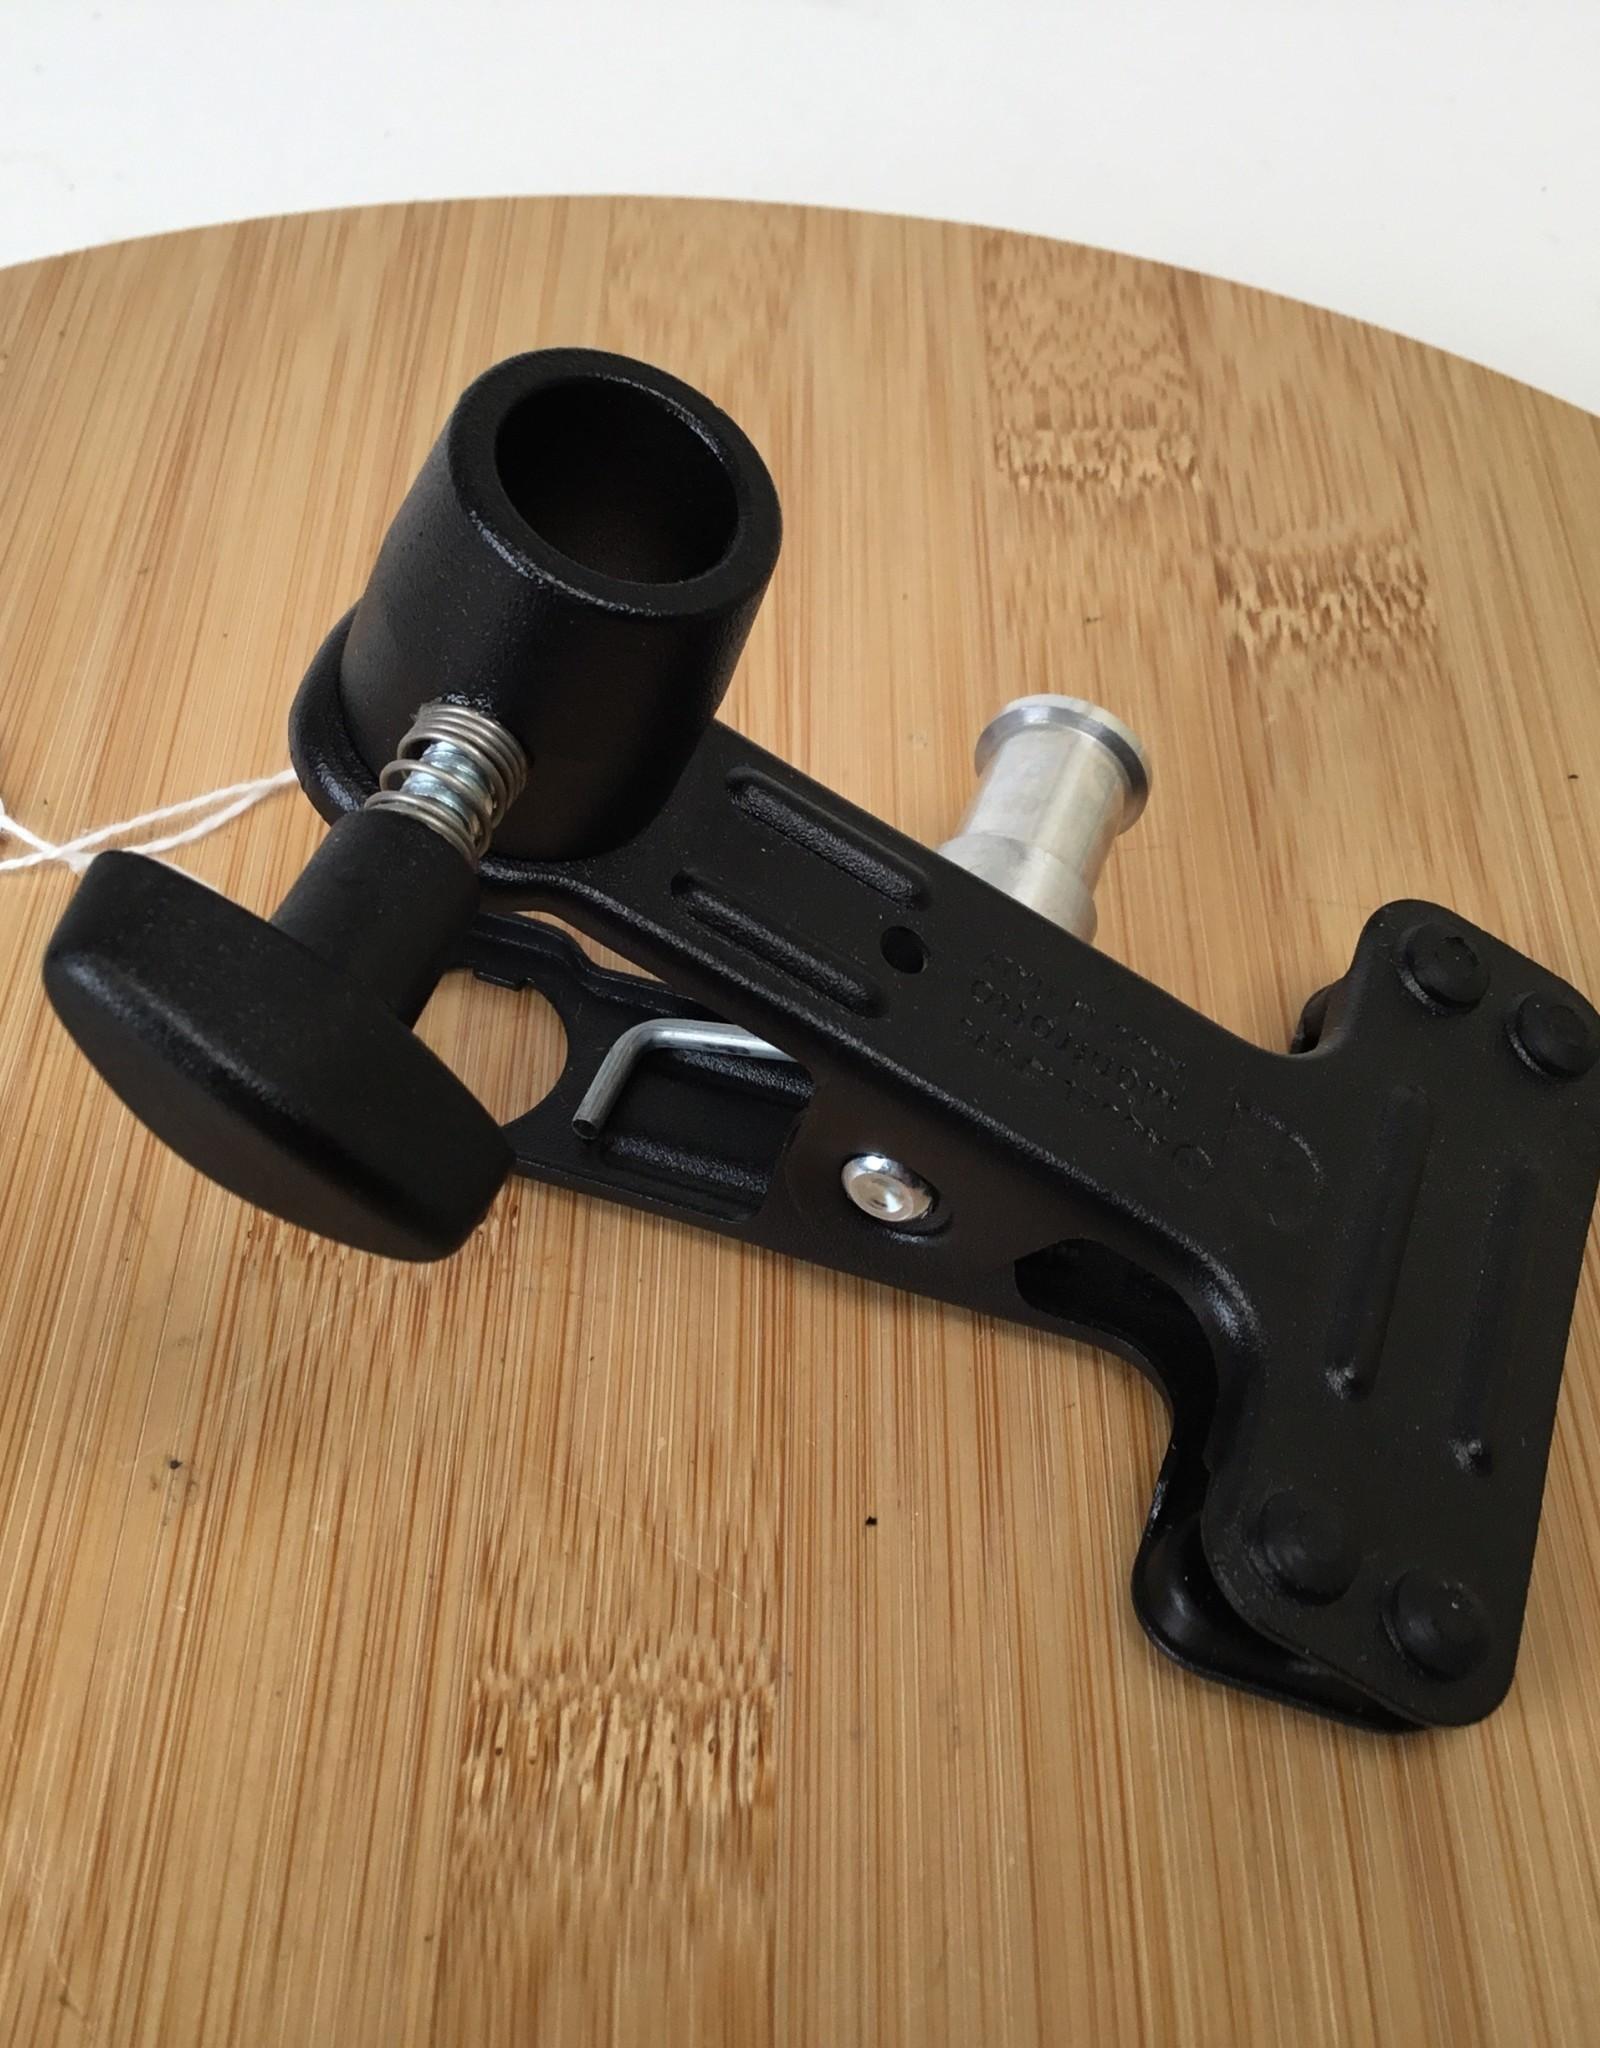 MANFROTTO Manfrotto Model 275 Mini Clamp Used EX+